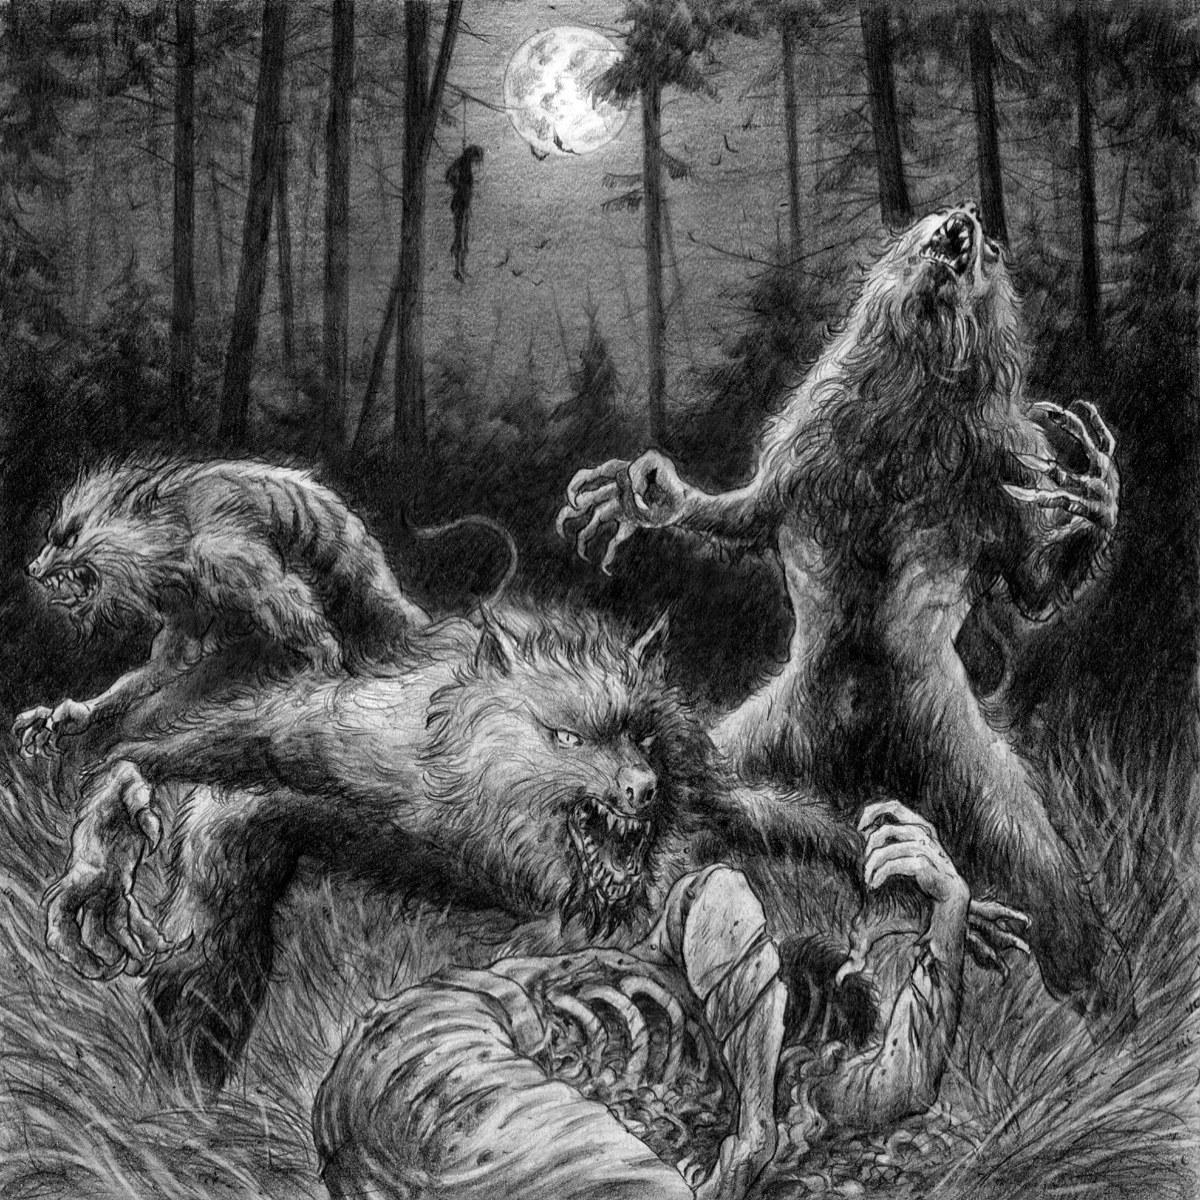 Szary Wilk - Wrath